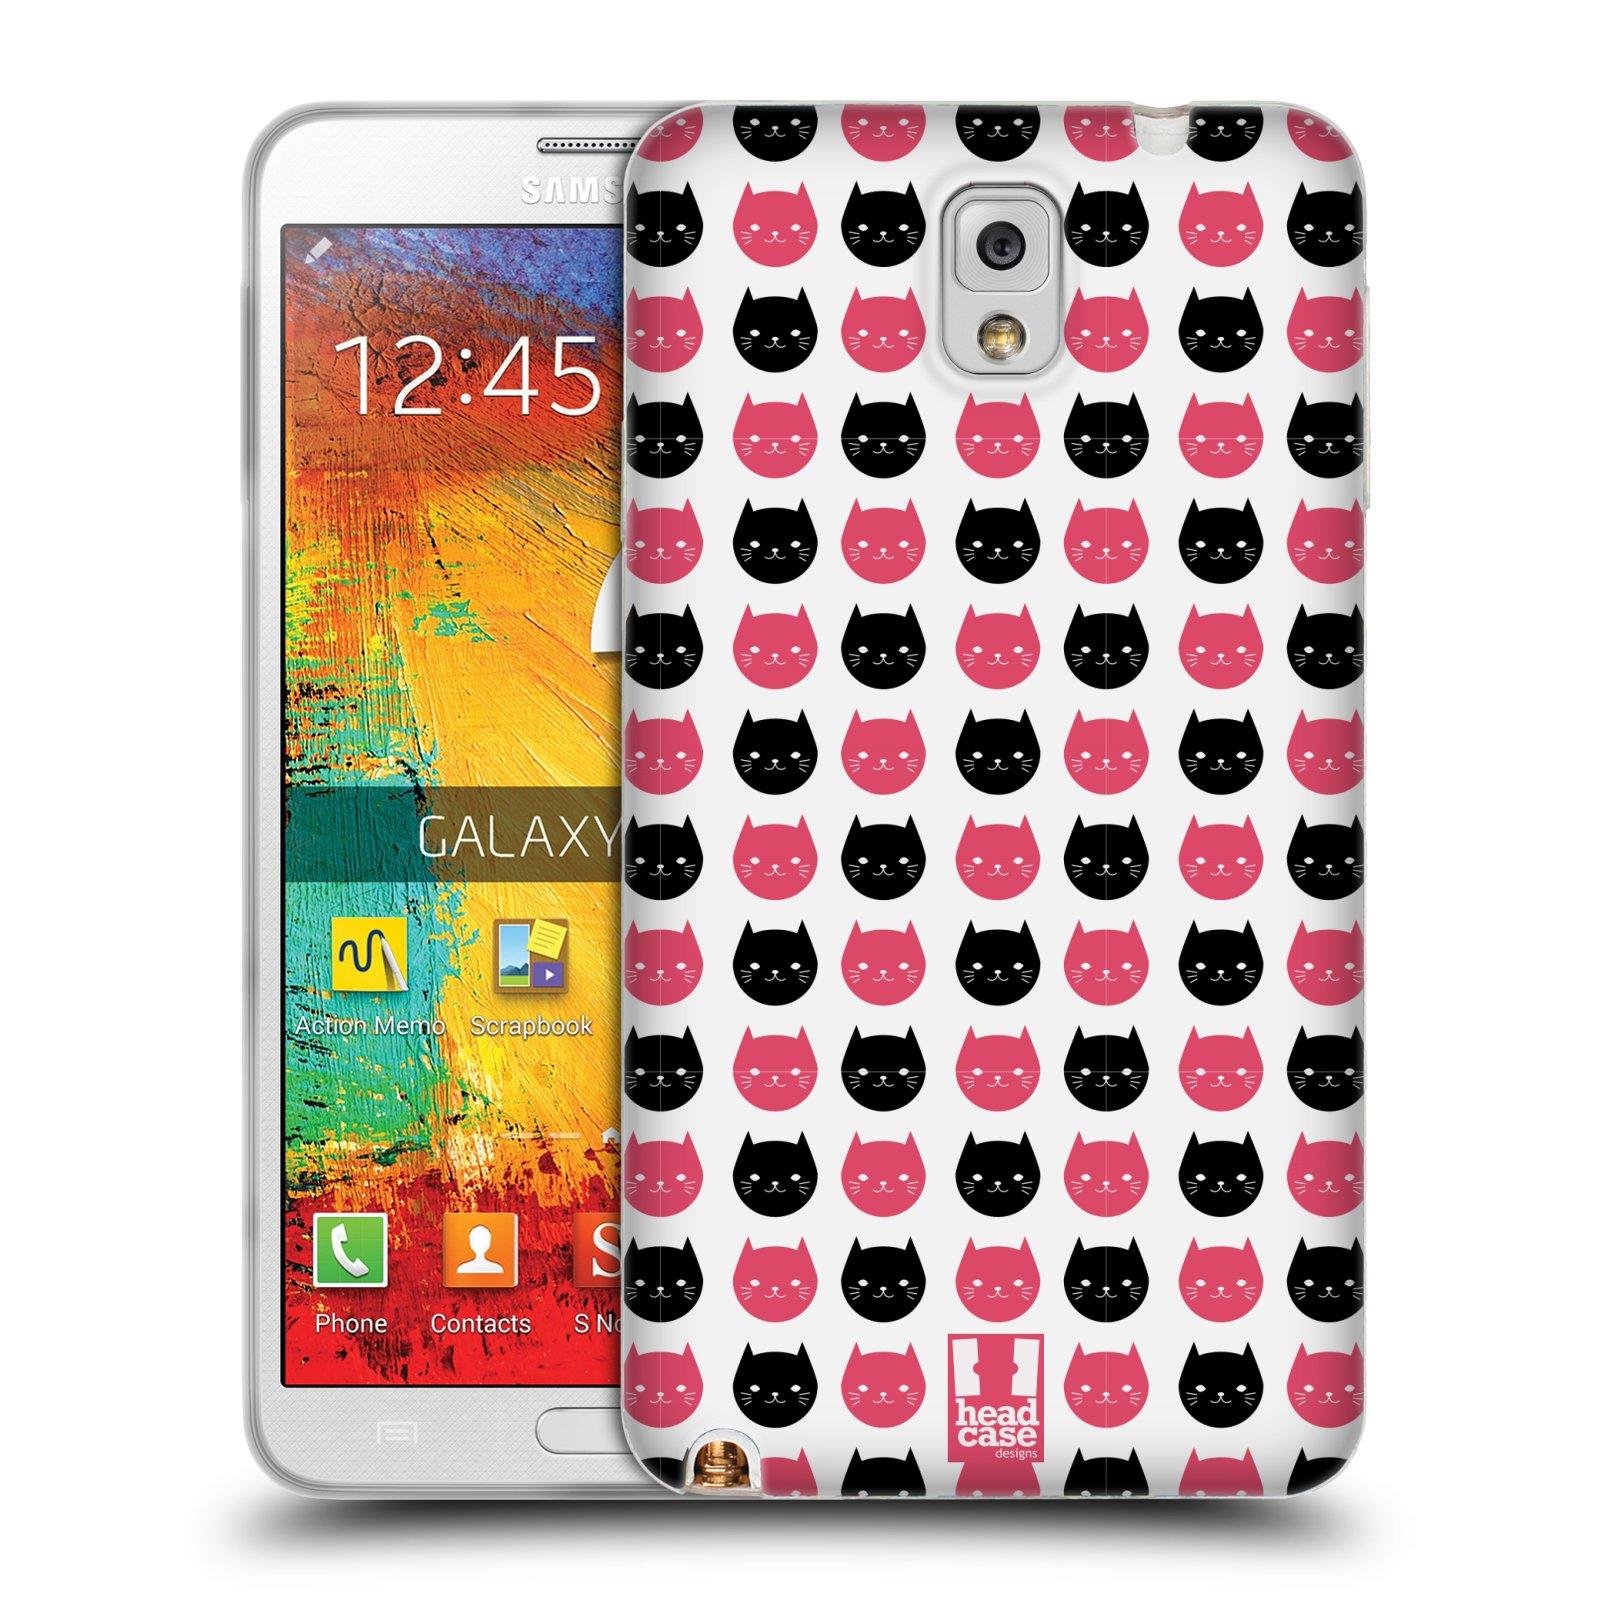 Silikonové pouzdro na mobil Samsung Galaxy Note 3 HEAD CASE KOČKY Black and Pink (Silikonový kryt či obal na mobilní telefon Samsung Galaxy Note 3 SM-N9005)